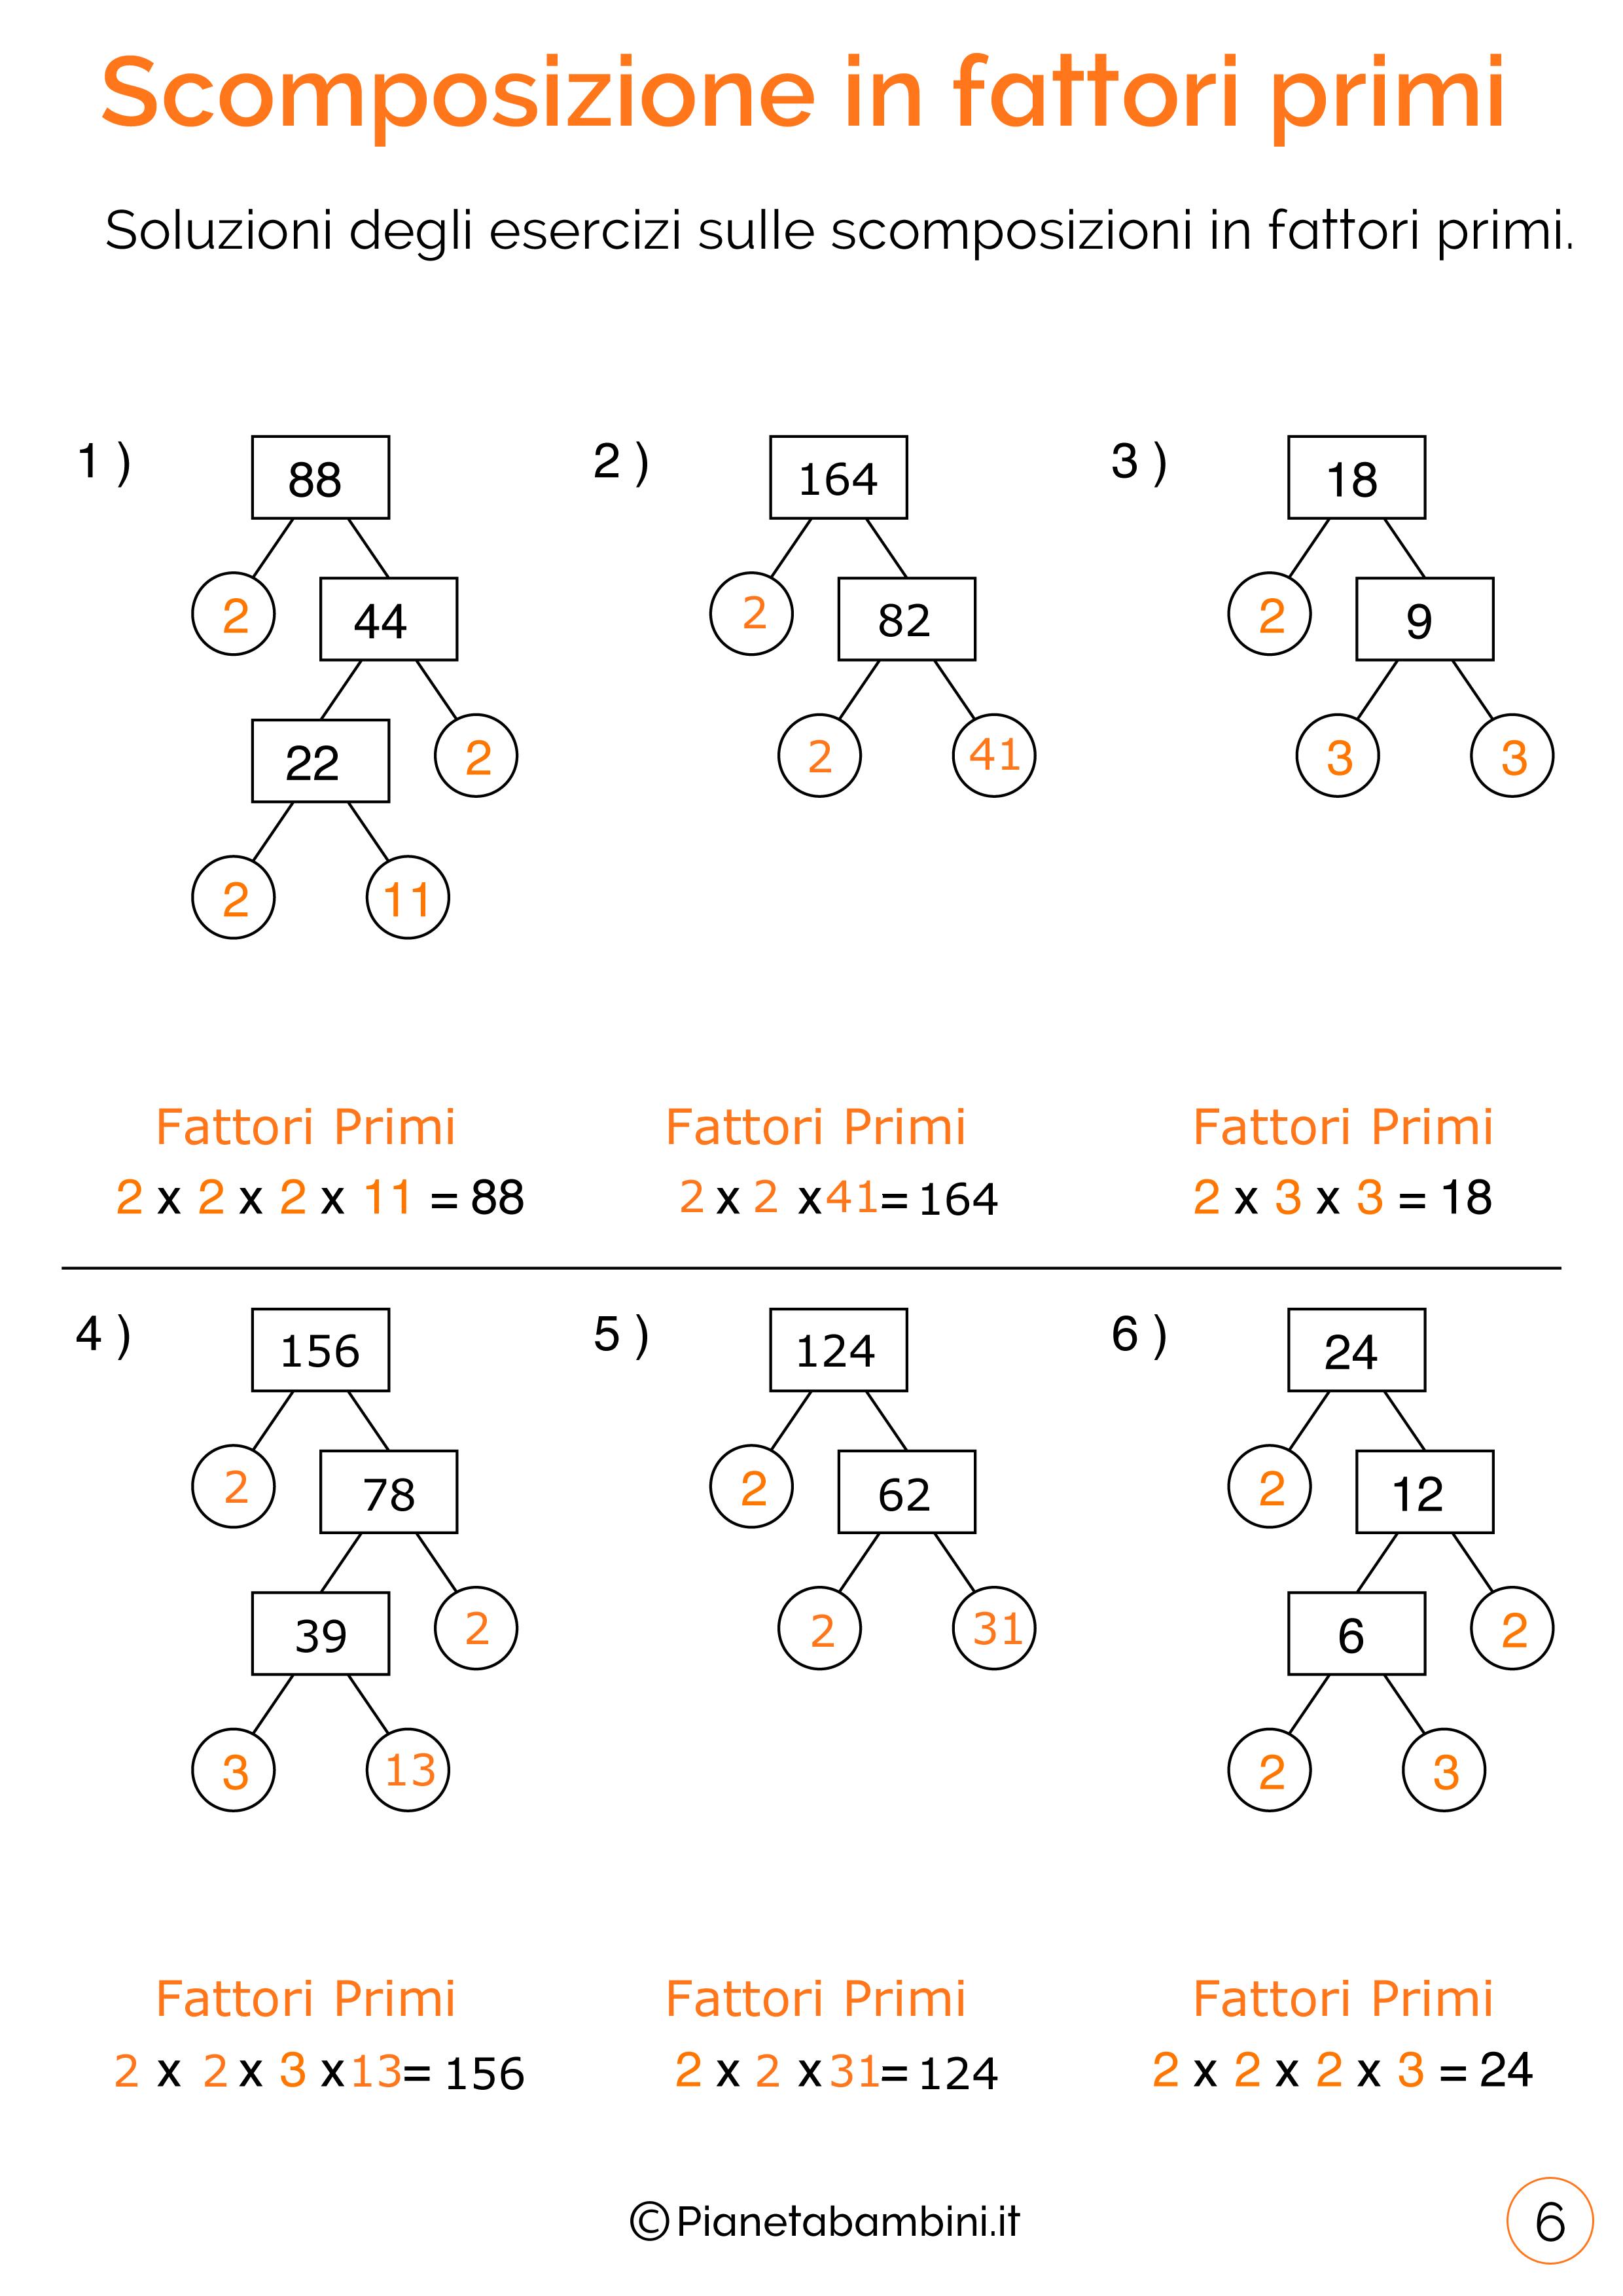 Soluzioni-Scomposizione-Fattori-Primi-6